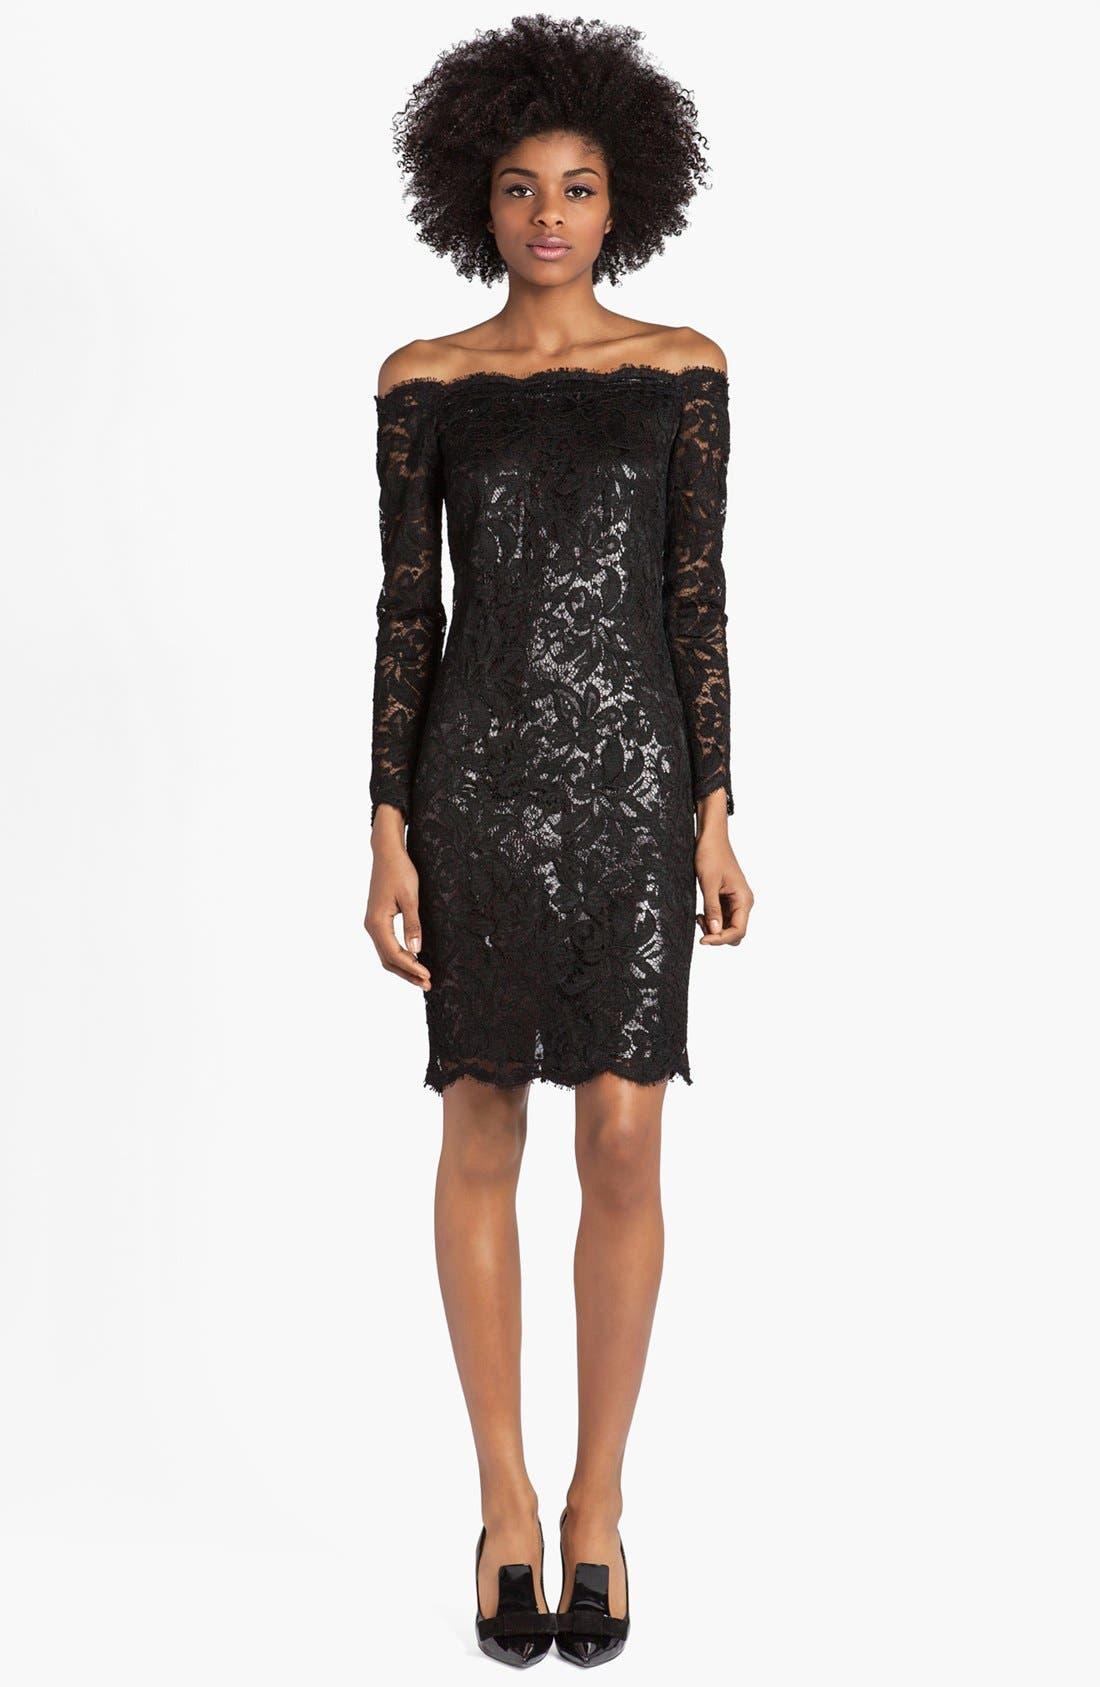 Alternate Image 1 Selected - Emilio Pucci Lace & Lamé Off Shoulder Dress